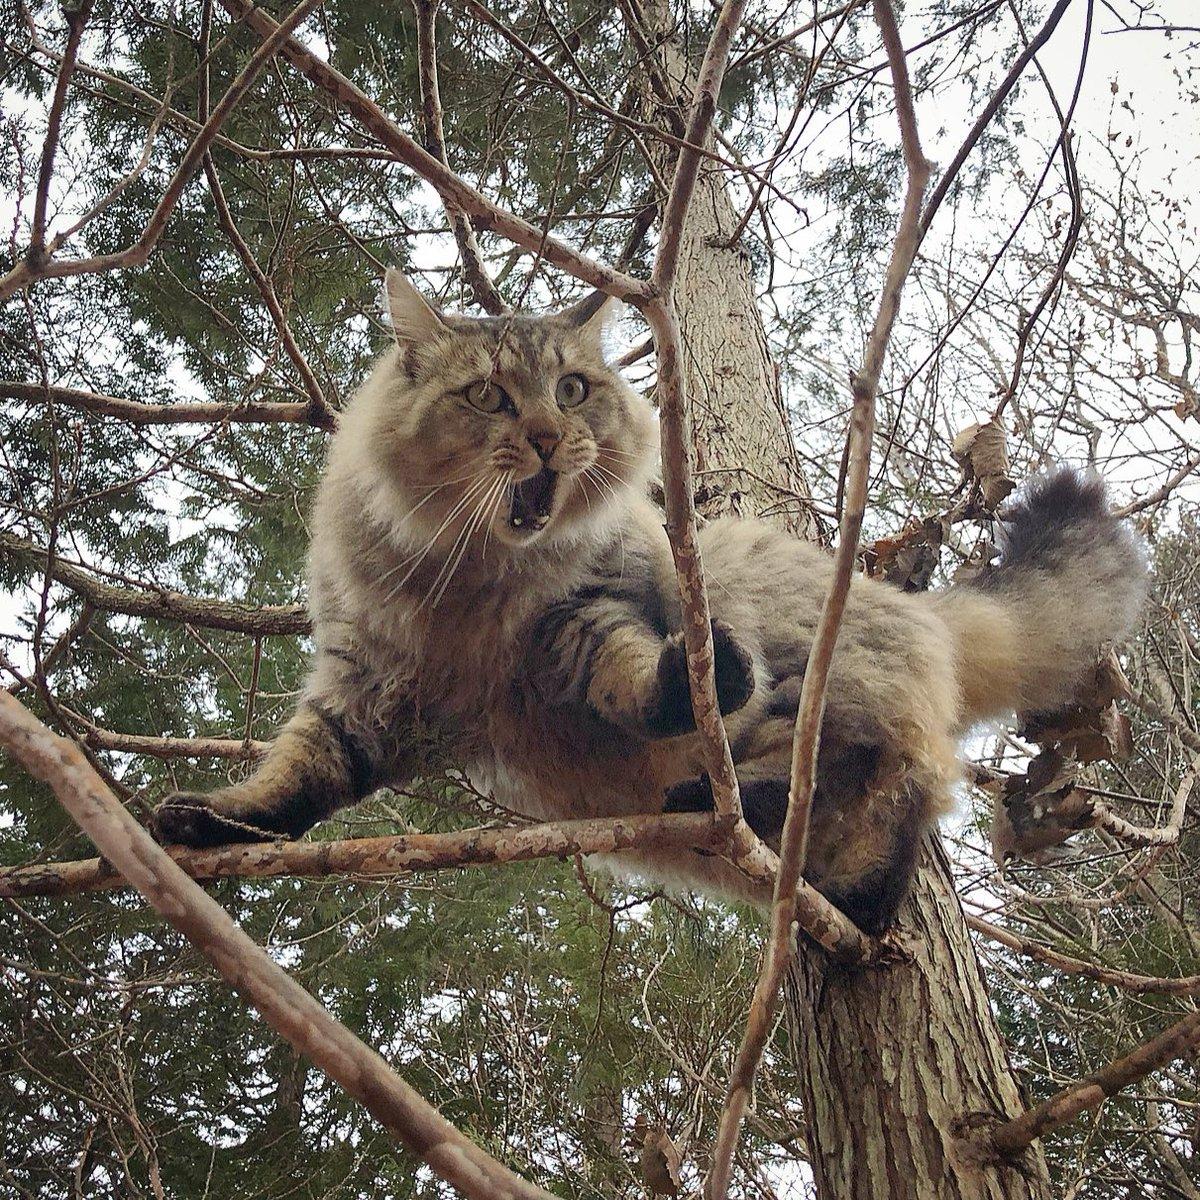 ごきげん。(๑φДφ)木登りたのしーー!!